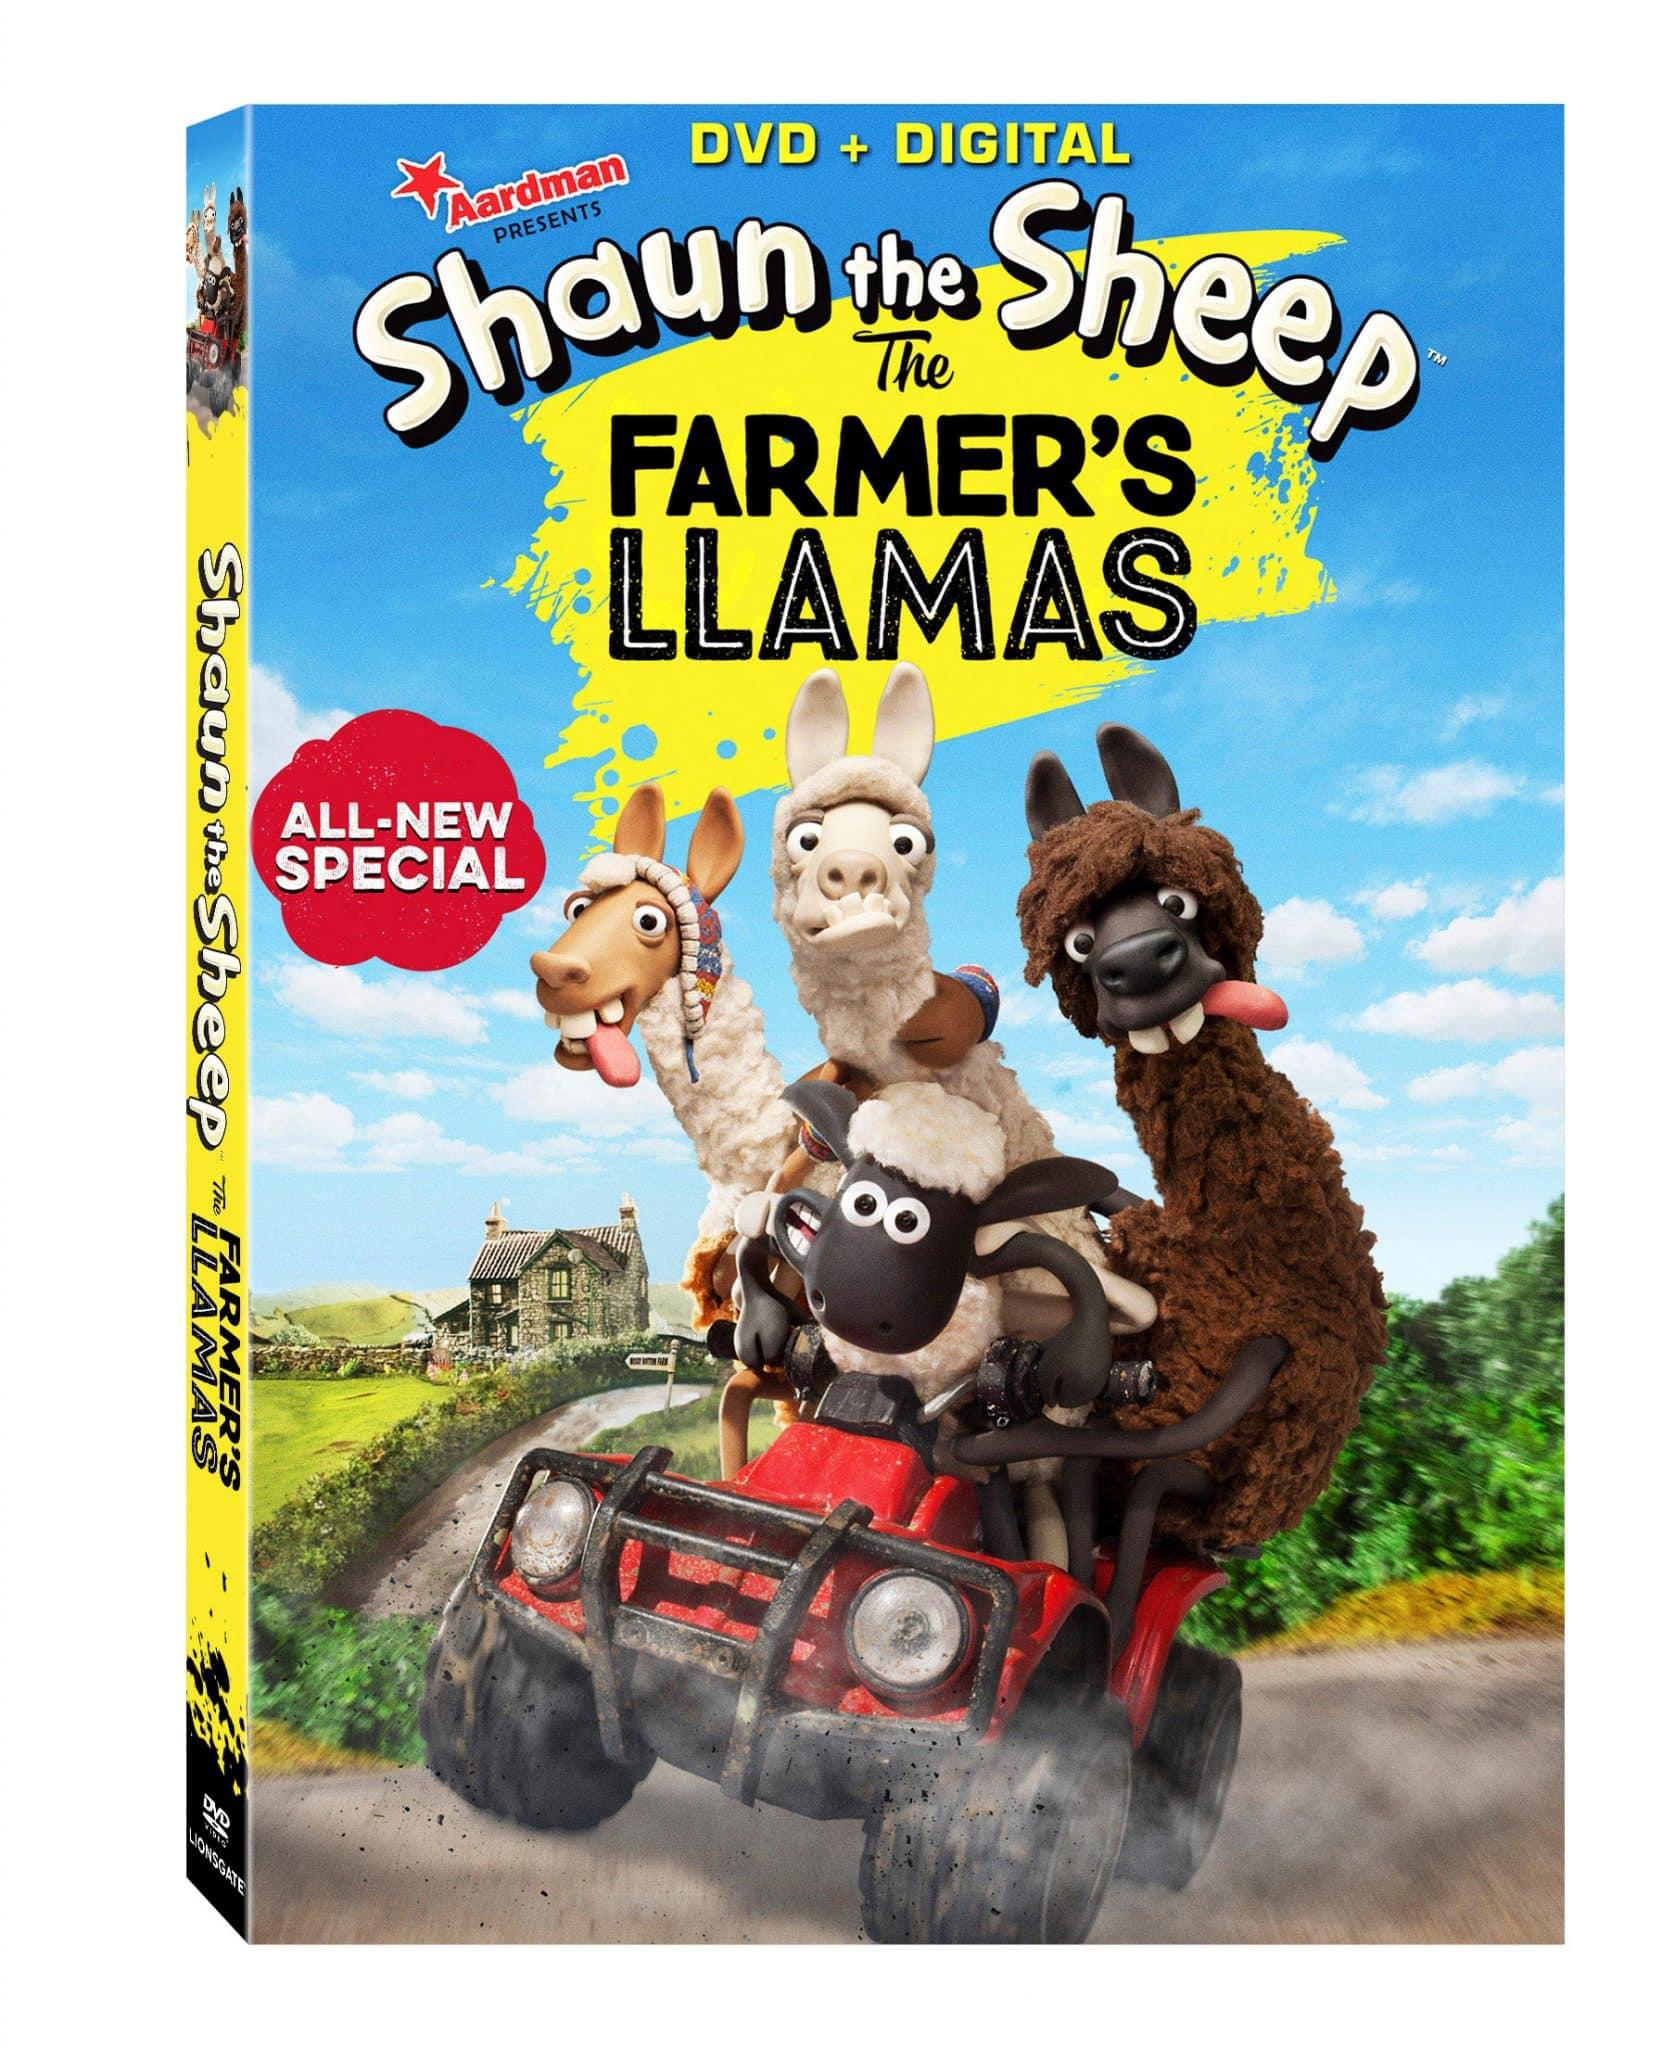 Shaun the Sheep: The Farmer's Llama DVD Review